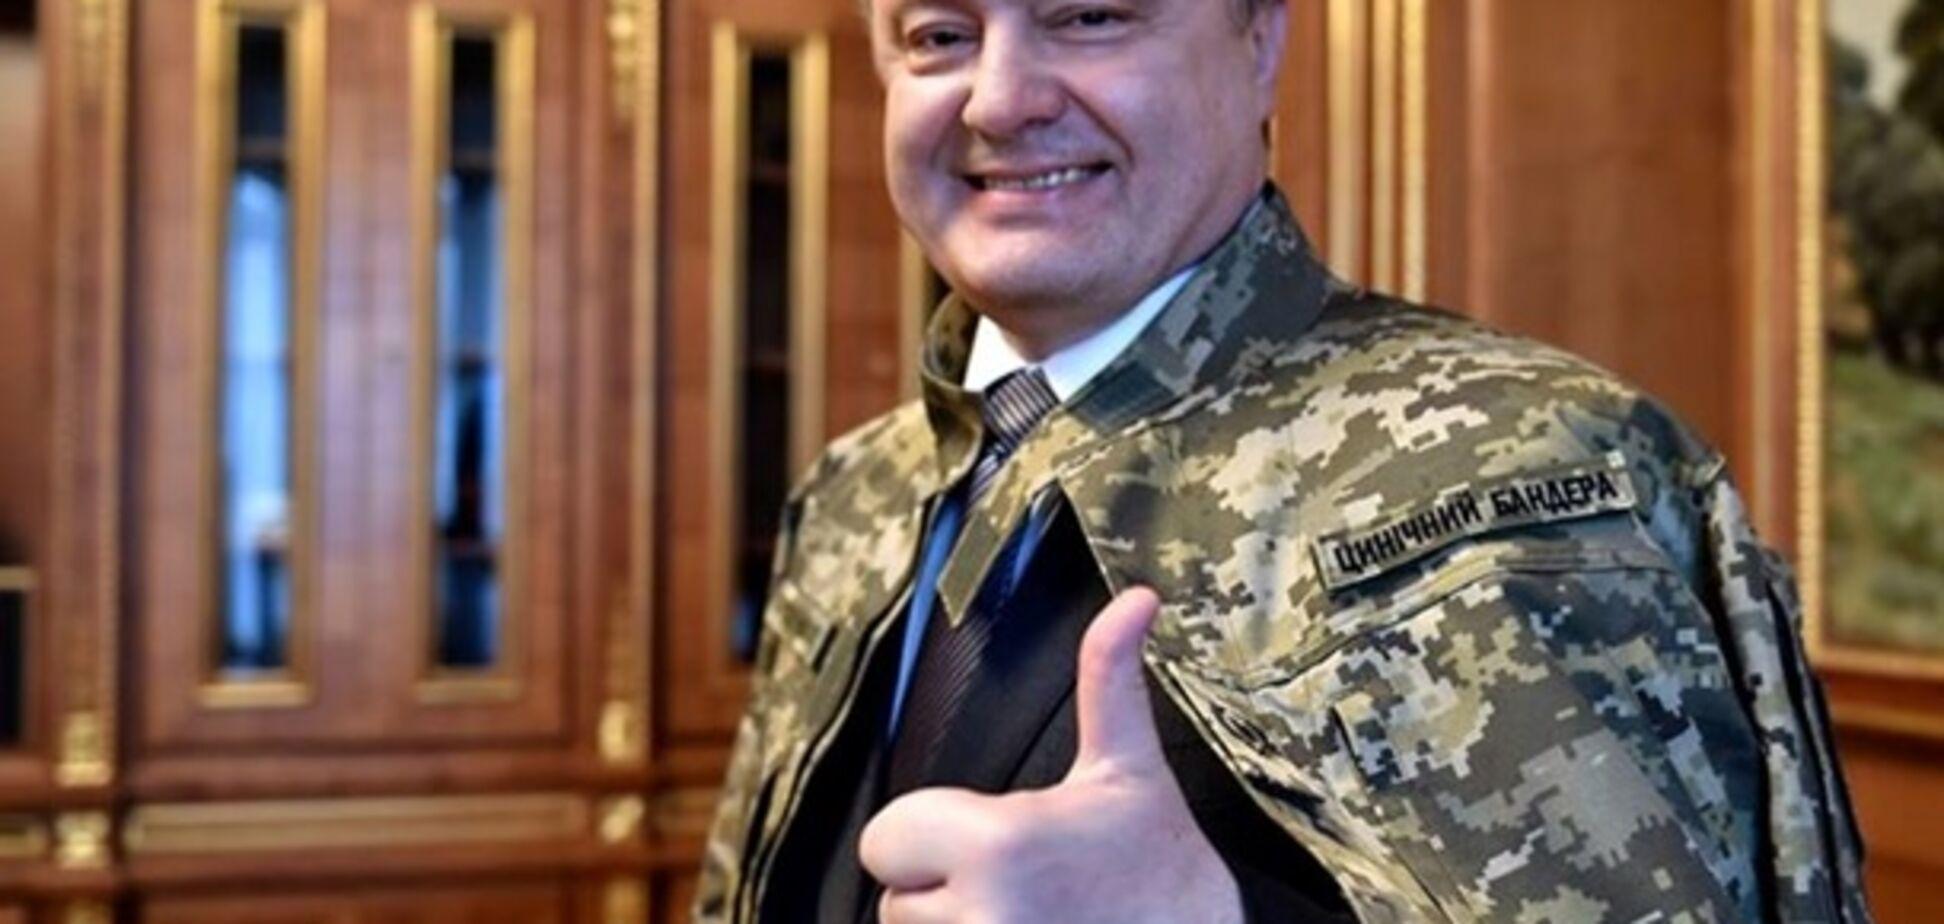 Киев устроит Донбассу 'страшную резню'? Федоров сообщил о страхах Кремля